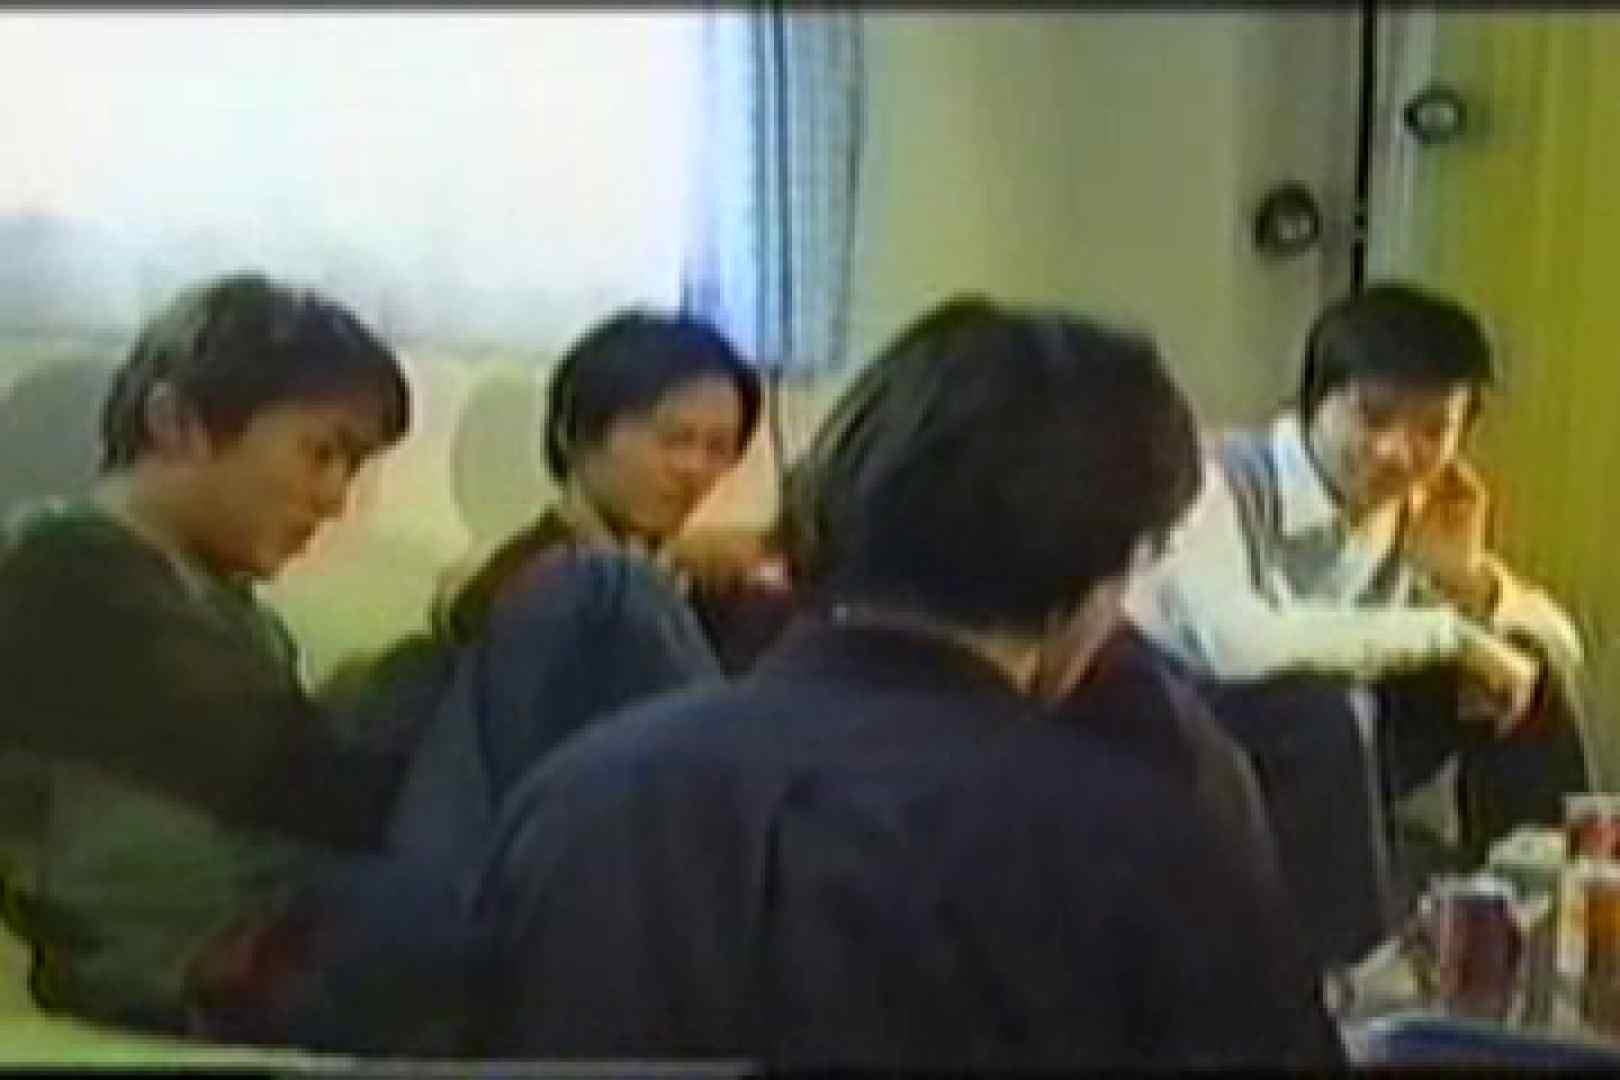 【流出】若者たちの集い アナル舐め ゲイフリーエロ画像 48pic 23